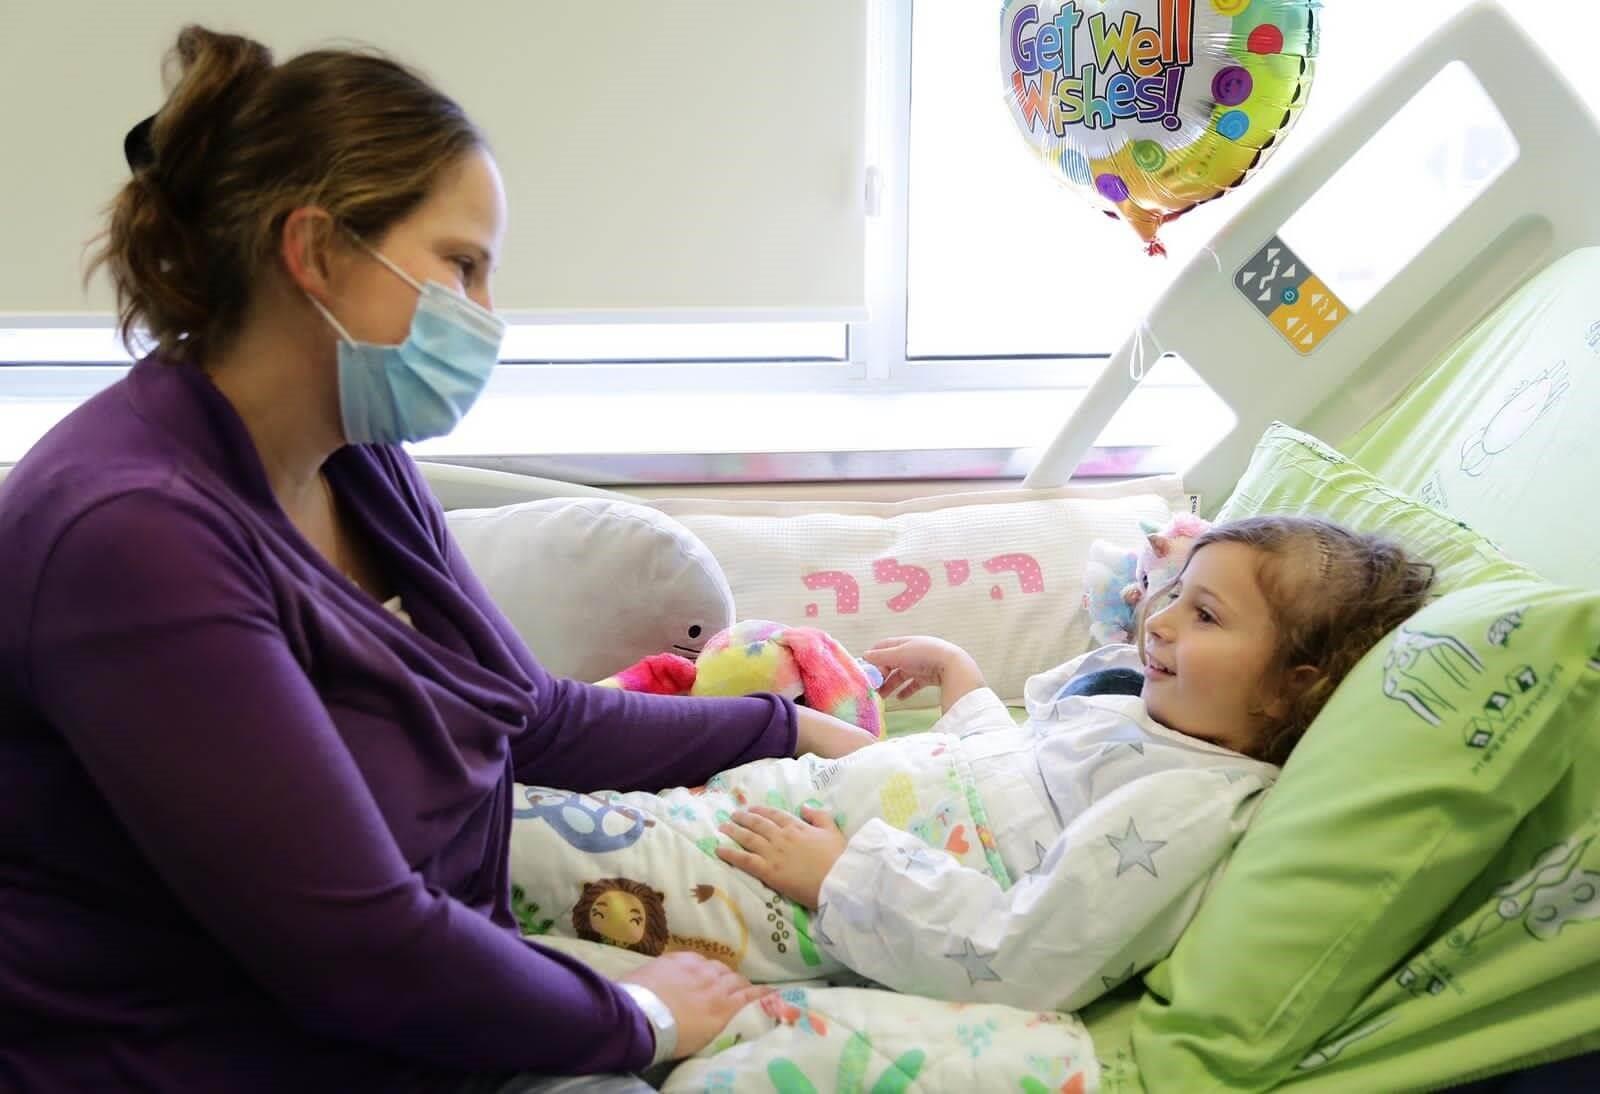 הילדה הילה ברונשטיין ואימה מורן לאחר הניתוח צילום: מירי גטניו, איכילוב